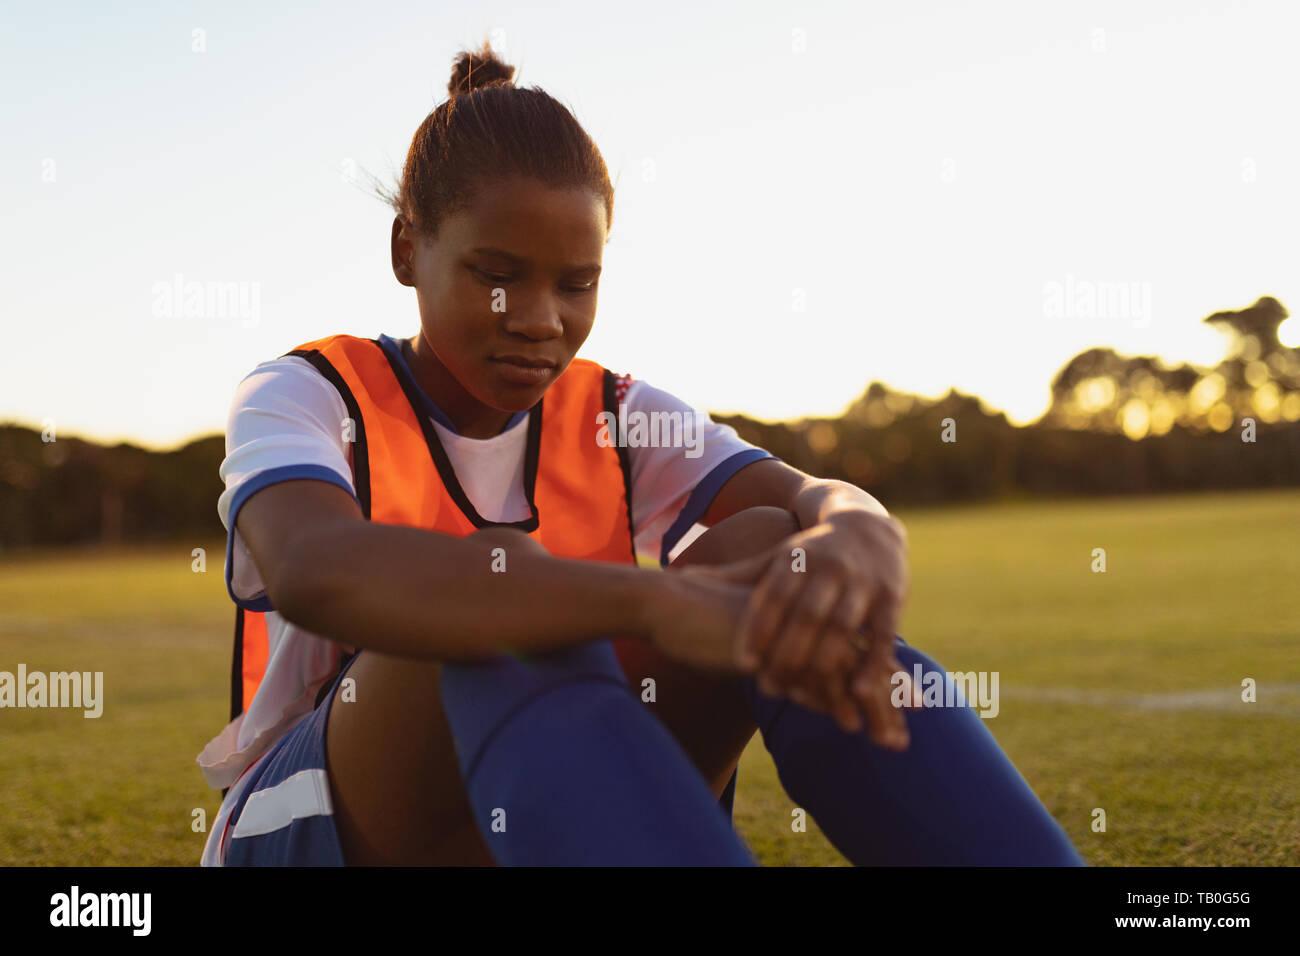 Fußball-Spieler entspannen auf Gras Stockfoto